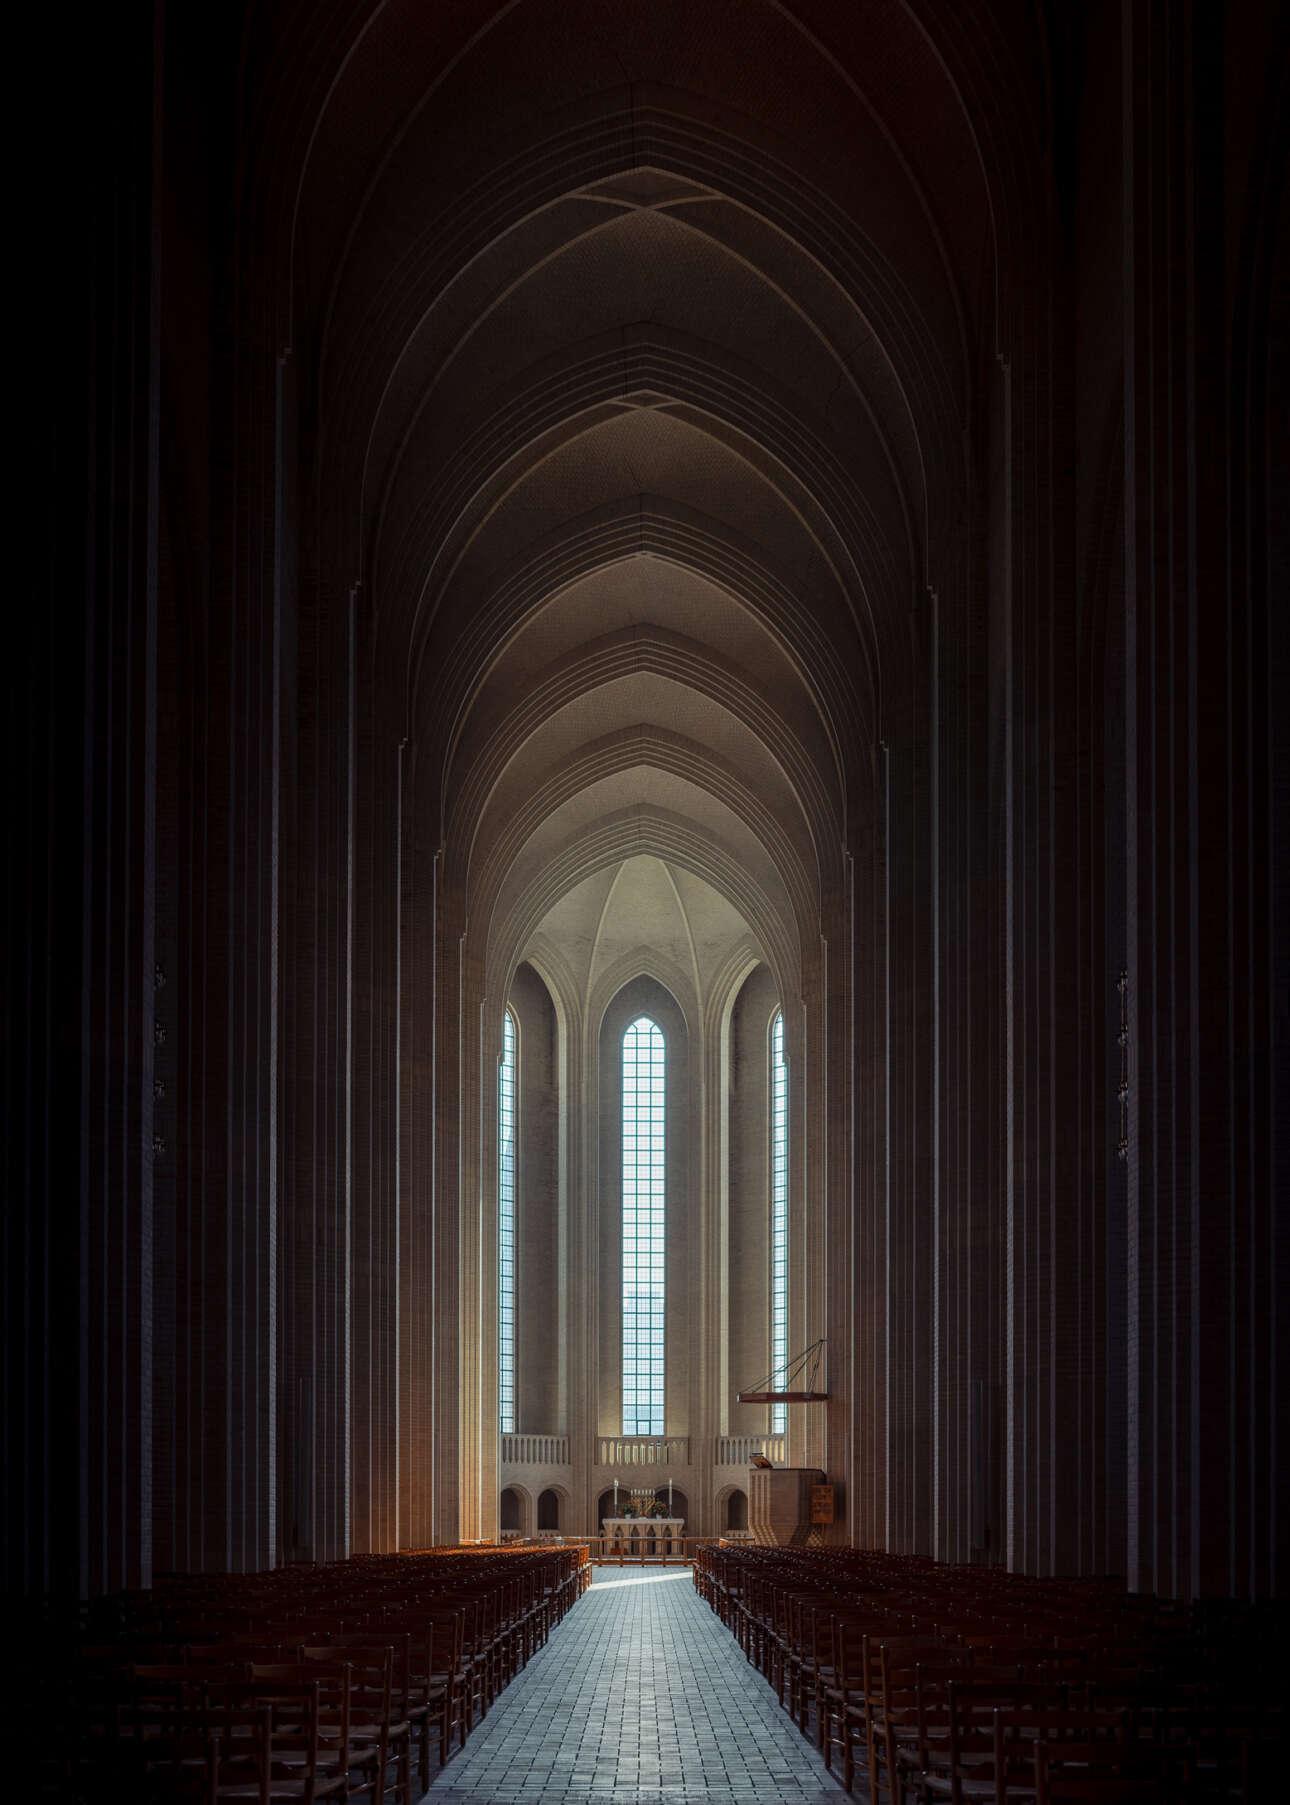 Πρώτη θέση στην κατηγορία Αρχιτεκτονική (Ερασιτέχνες). Εξπρεσιονισμός και γοτθική αρχιτεκτονική συναντιούνται στην εκκλησία του 1940 Grundtvigs Kirke, στην Κοπεγχάγη